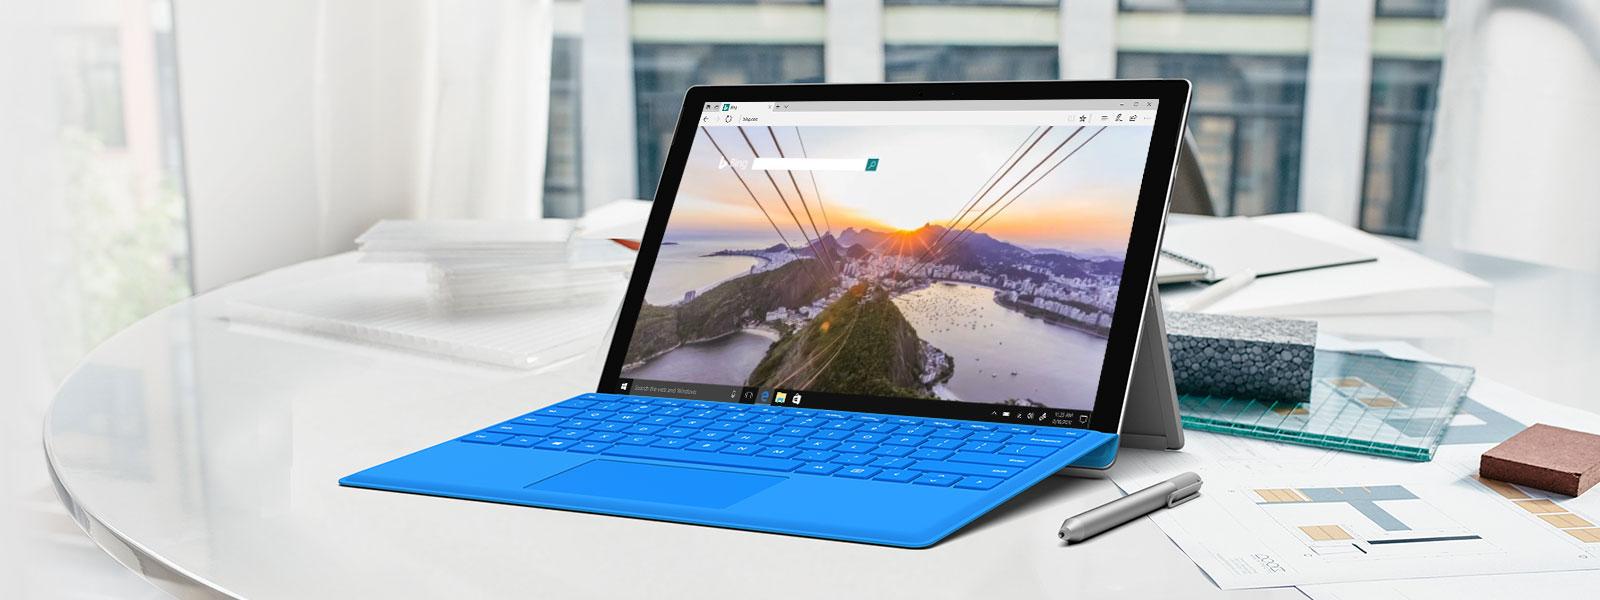 Microsoft Edge con una pantalla de Bing Search